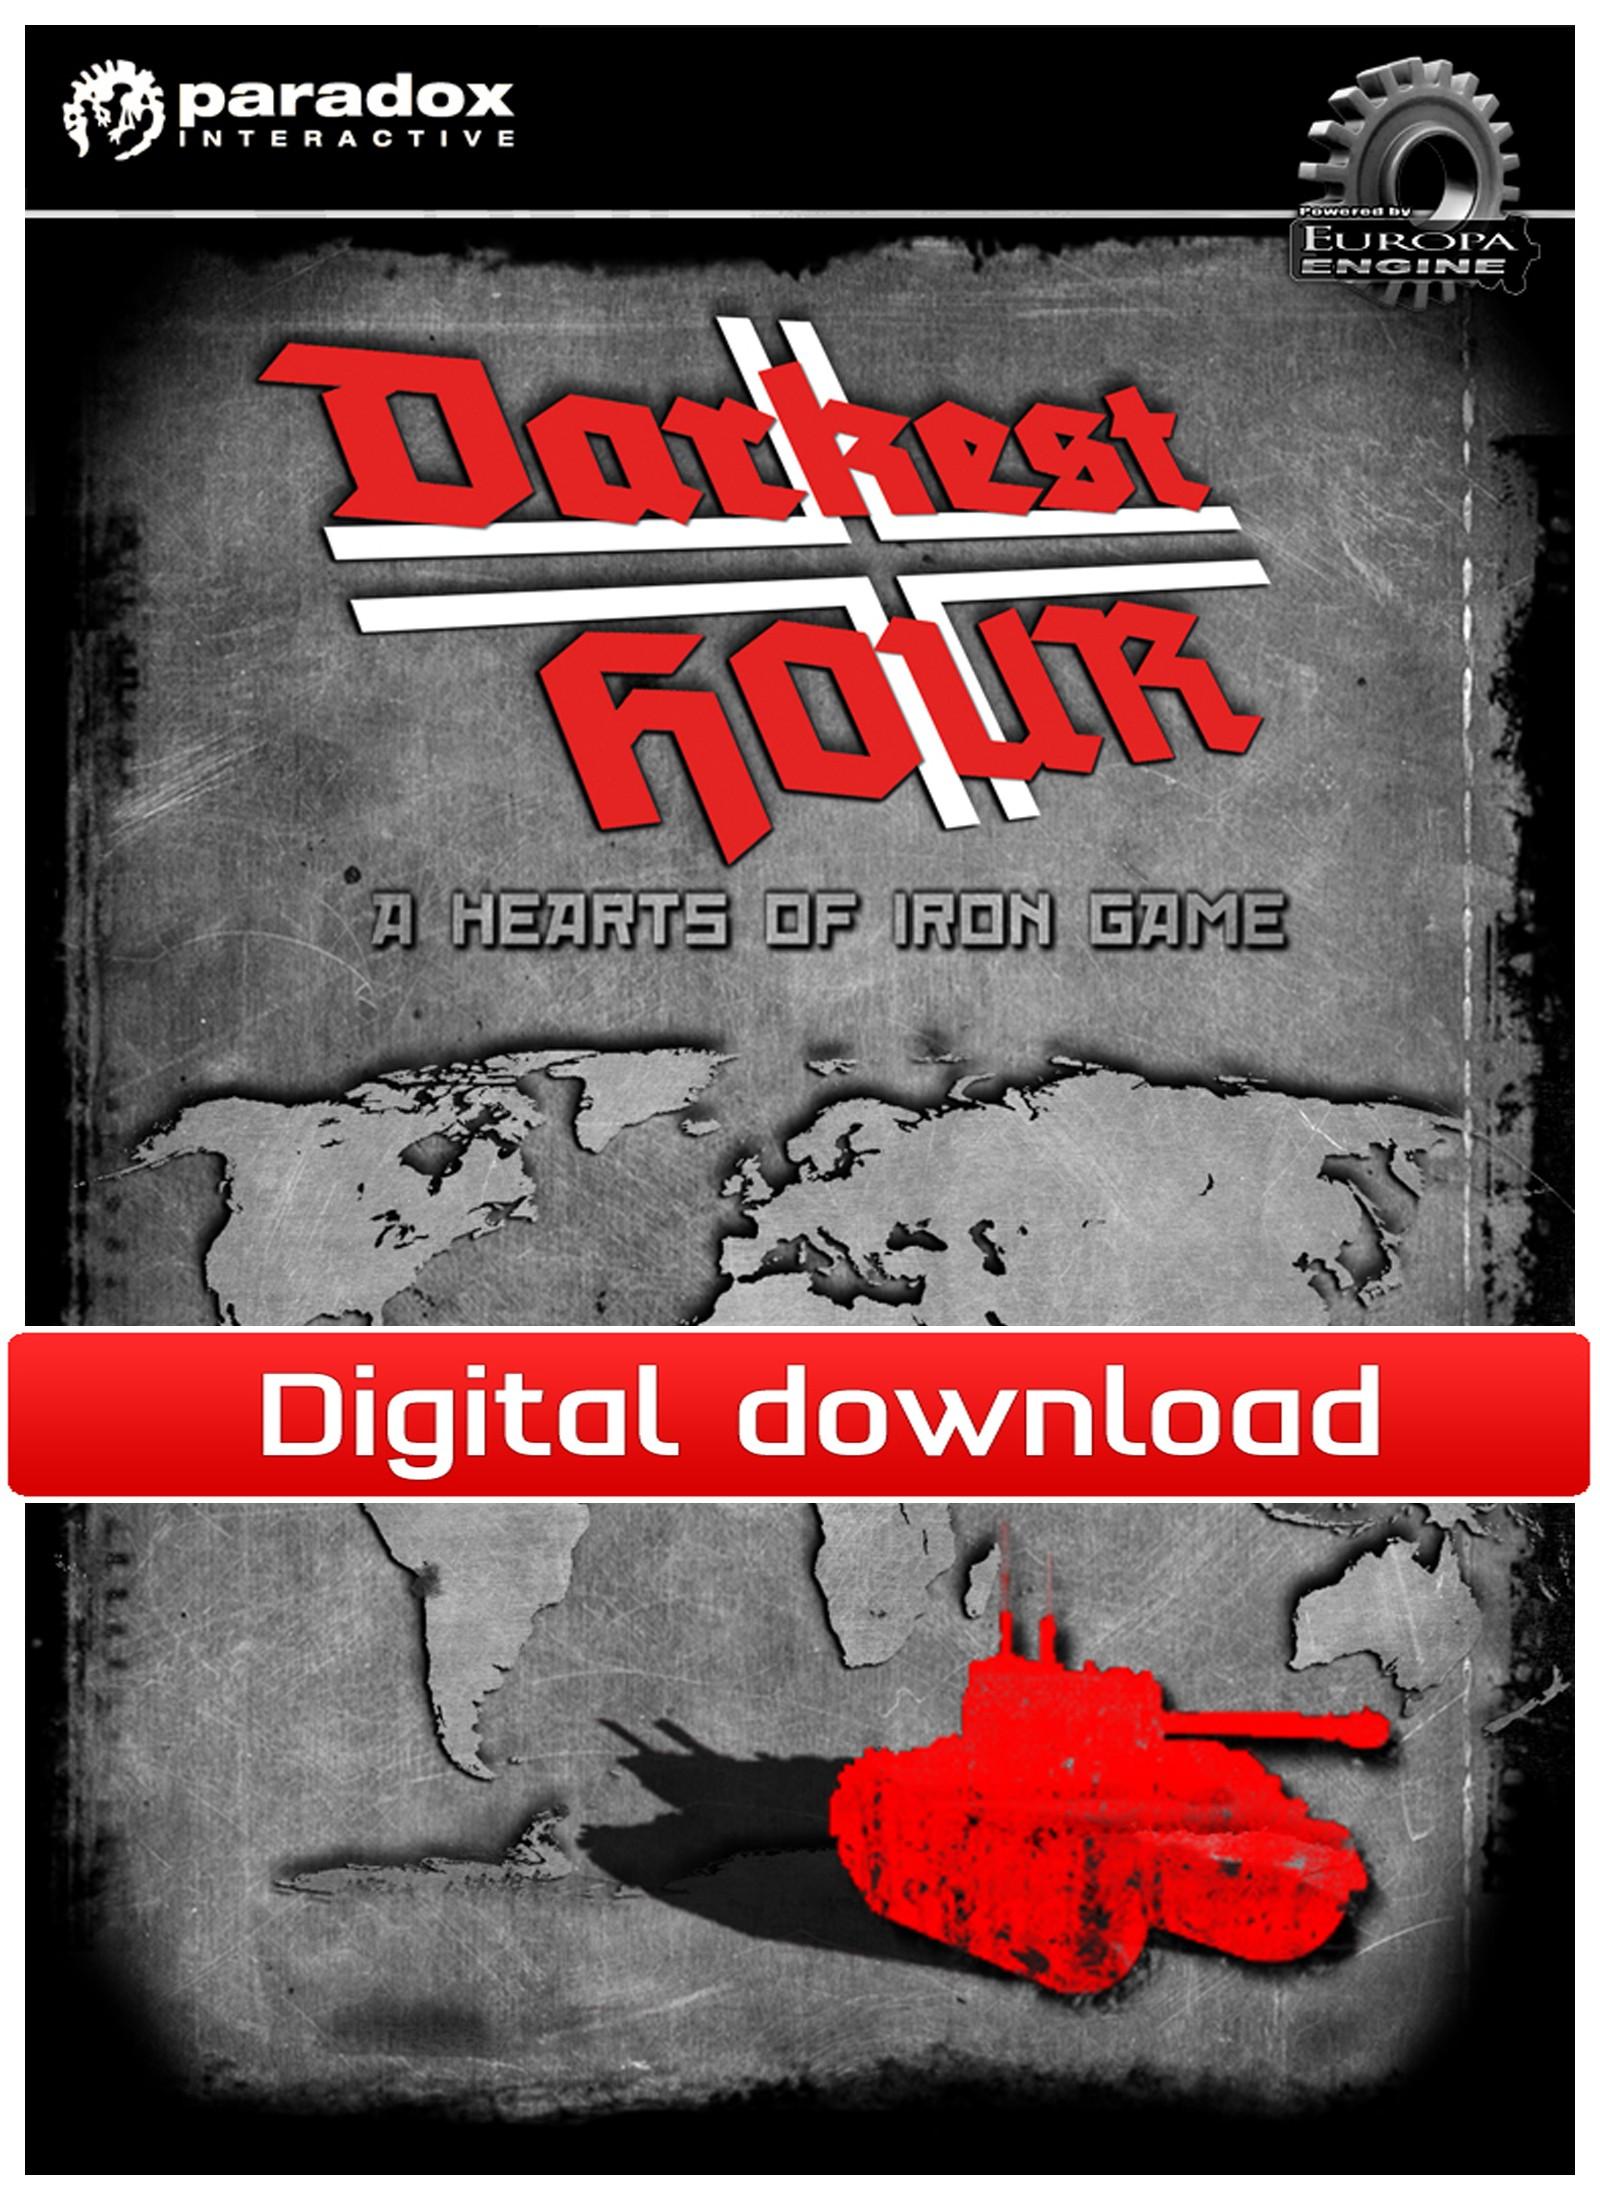 Darkest Hour (PC nedlastning) PCDD26525